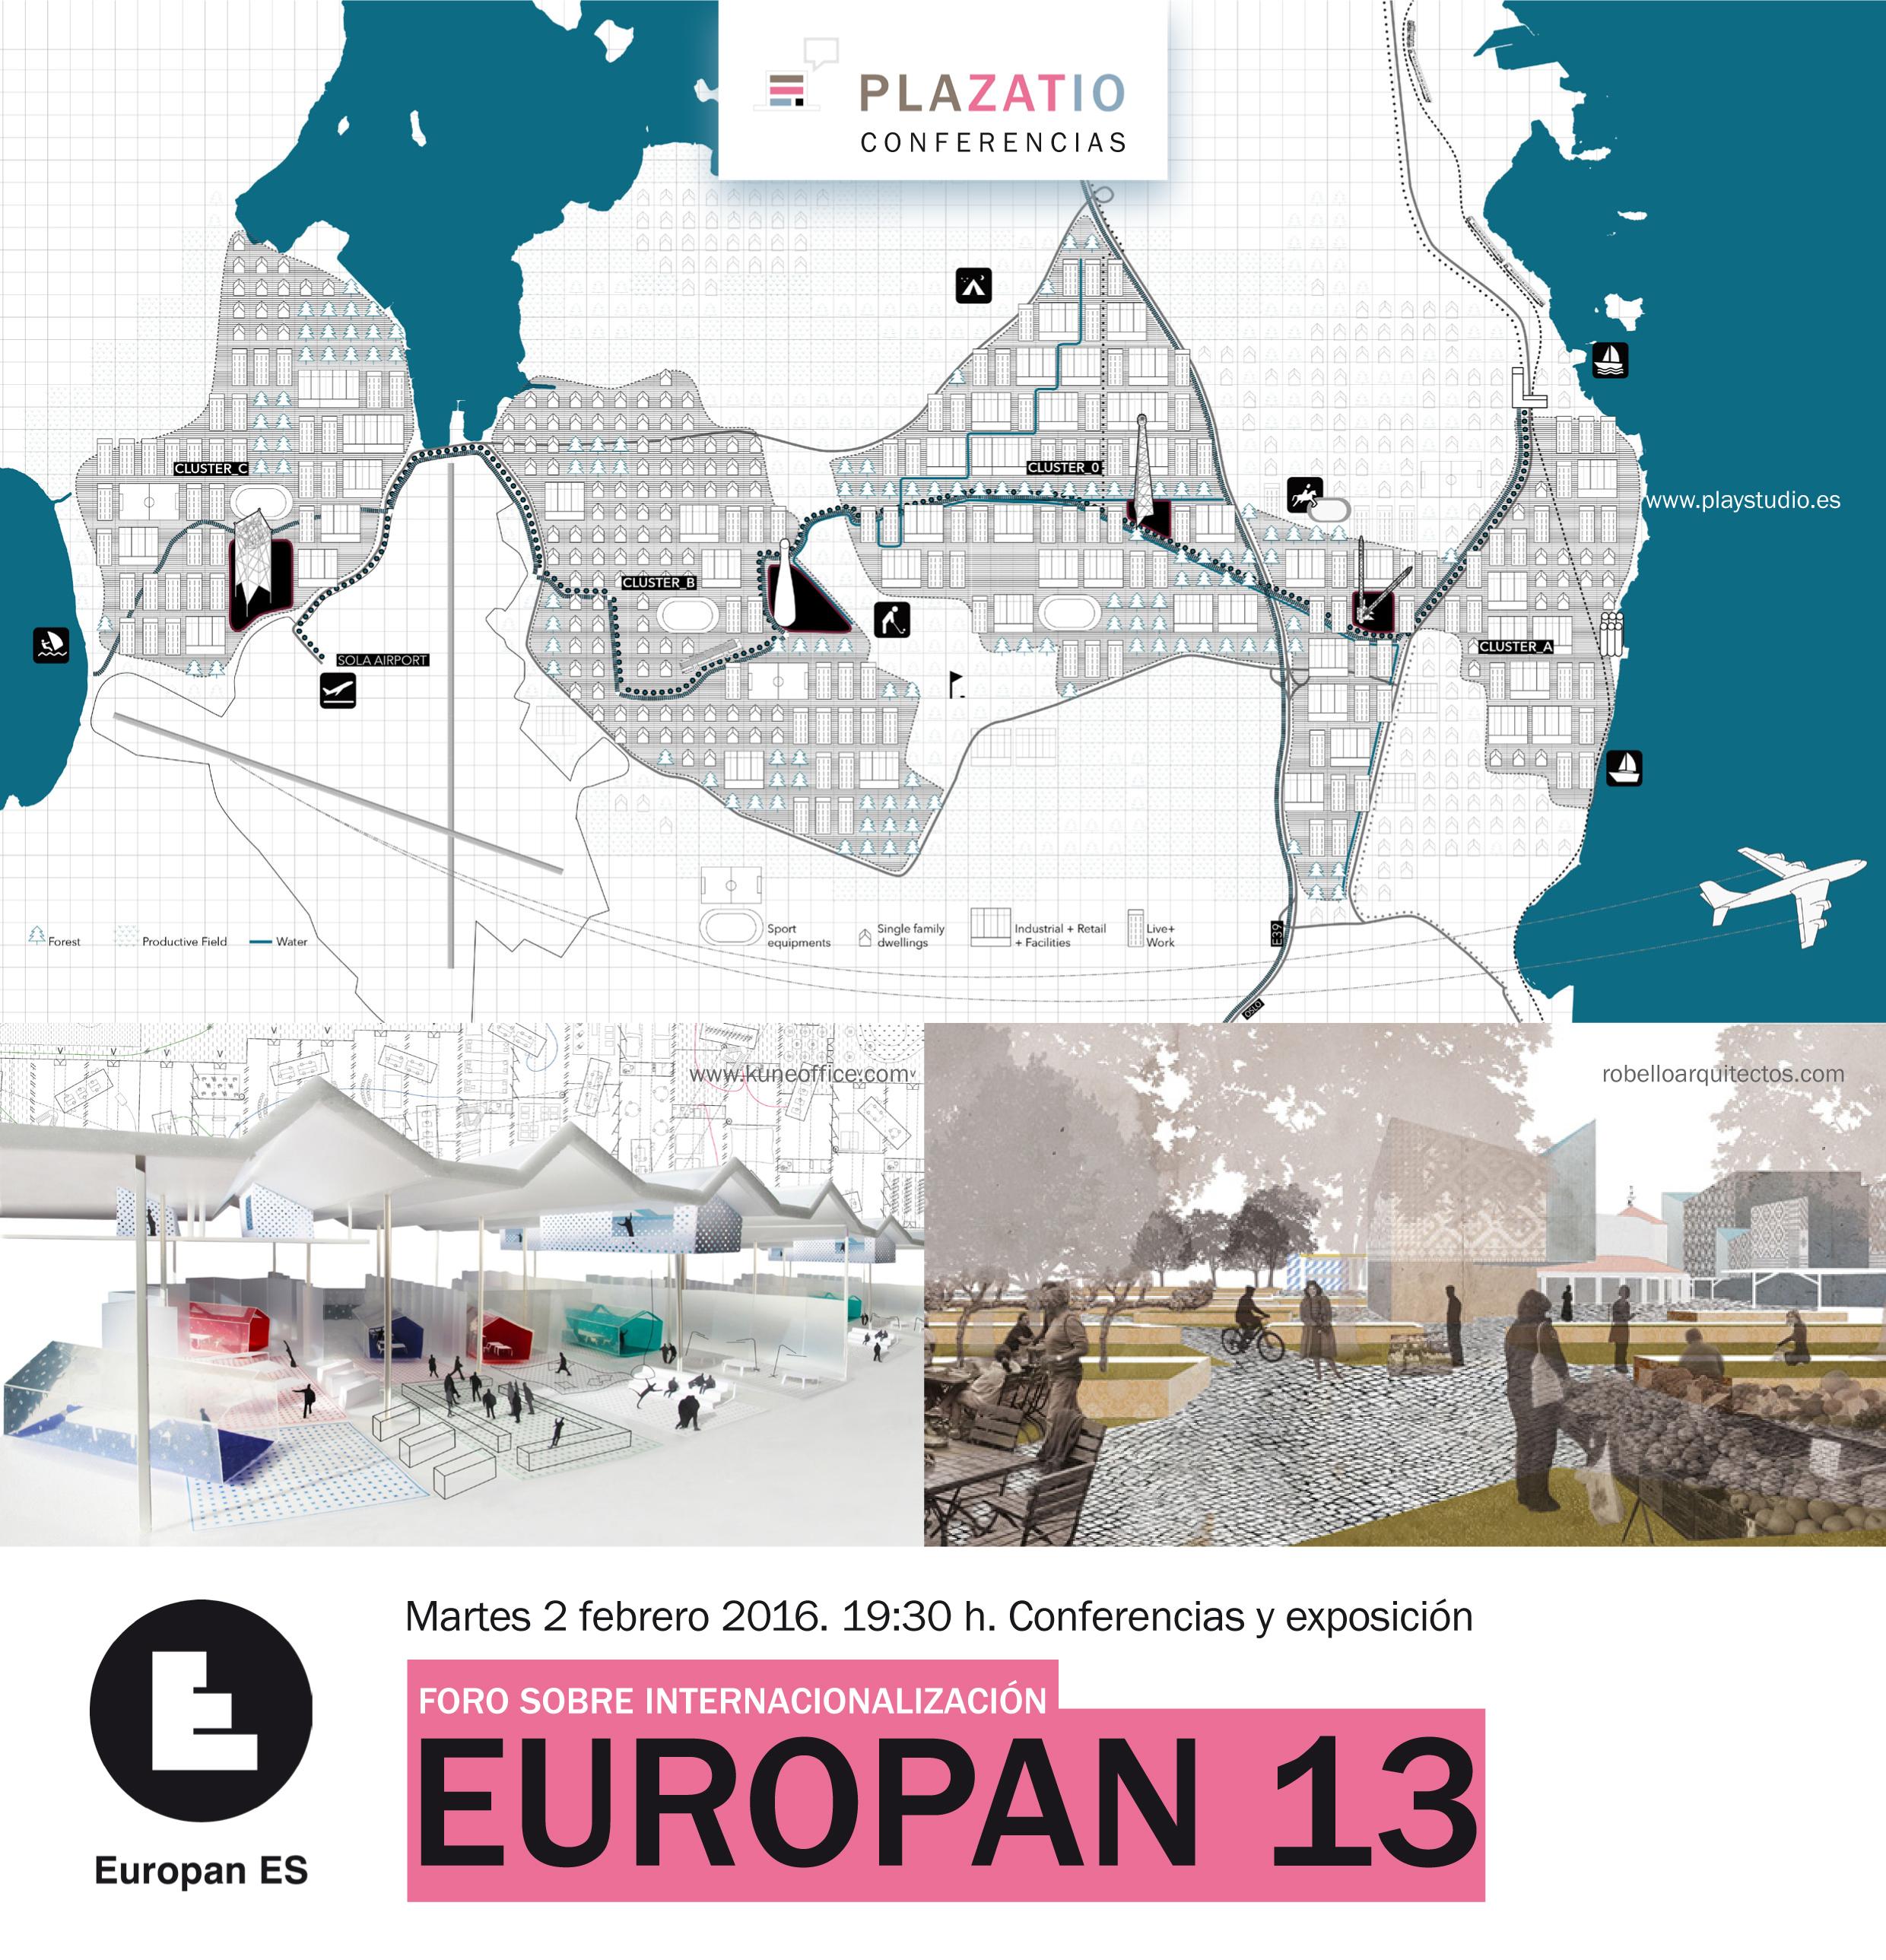 Foro sobre internacionalizaci n europan 13 - Muebles iborra alicante ...